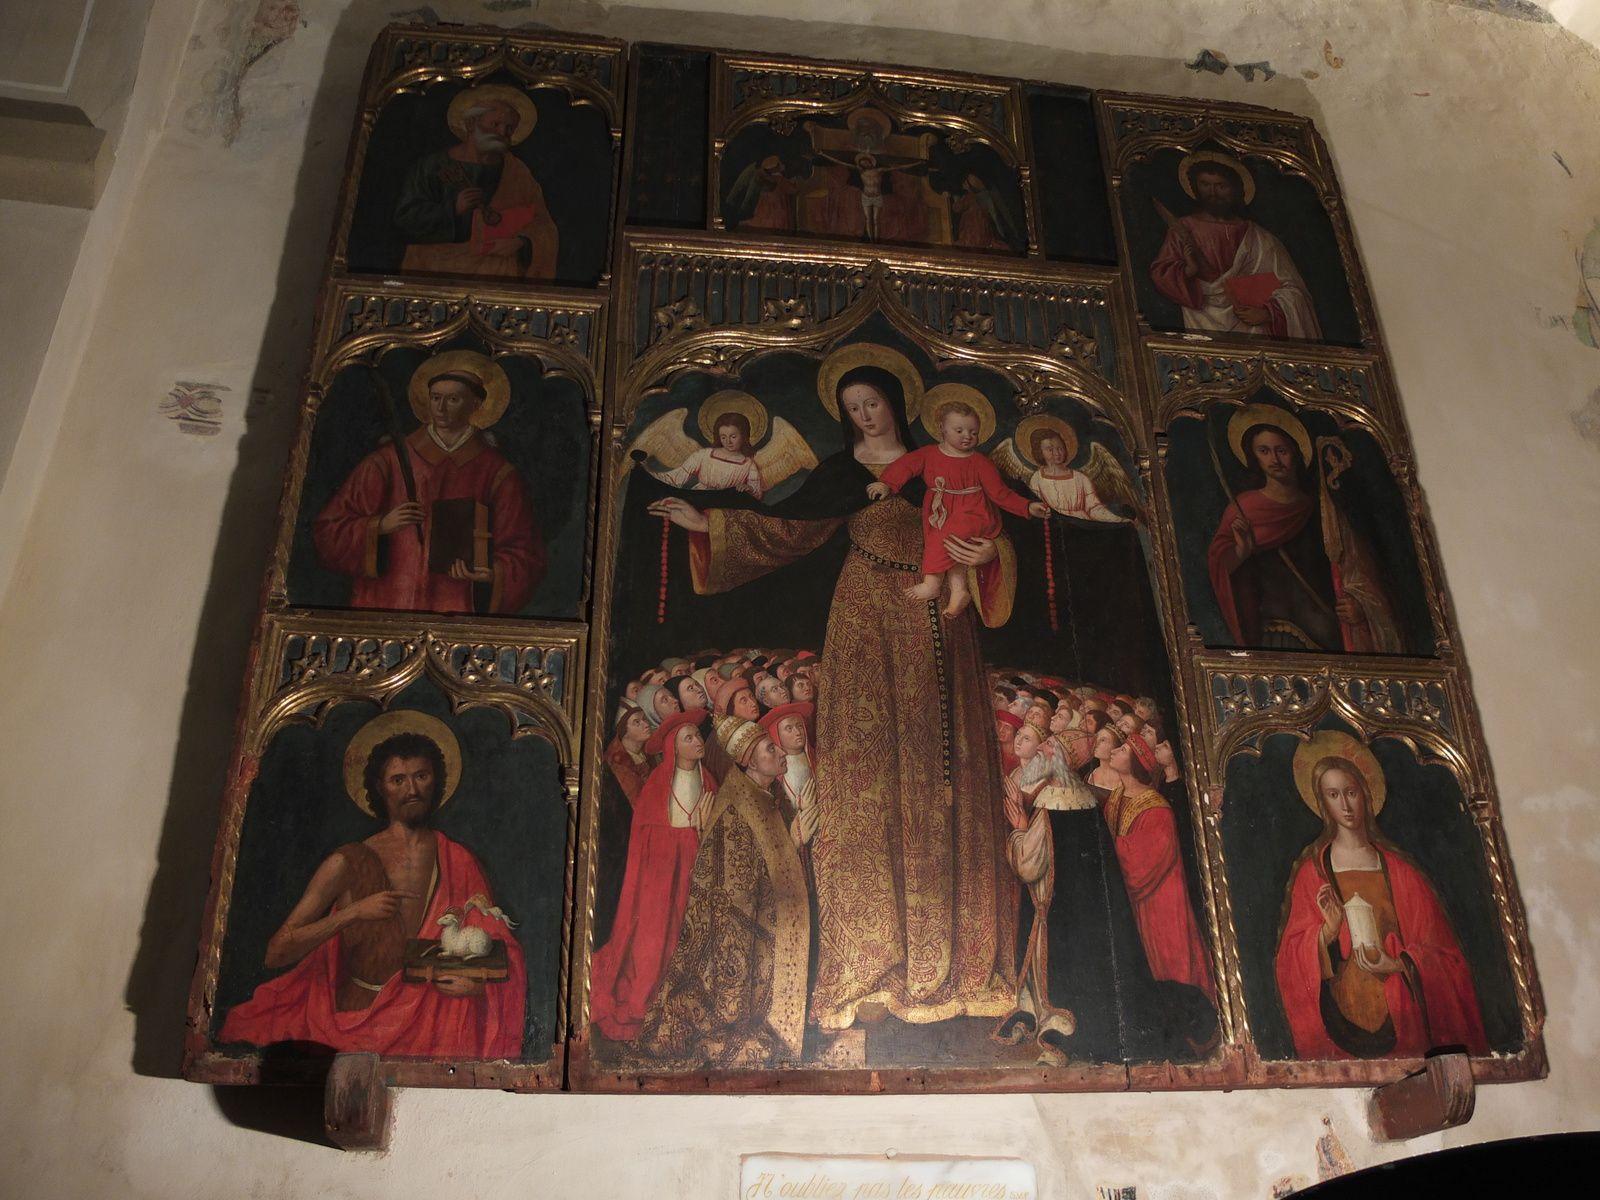 Le retable de Louis Bréa : La Vierge du Rosaire, vers 1500